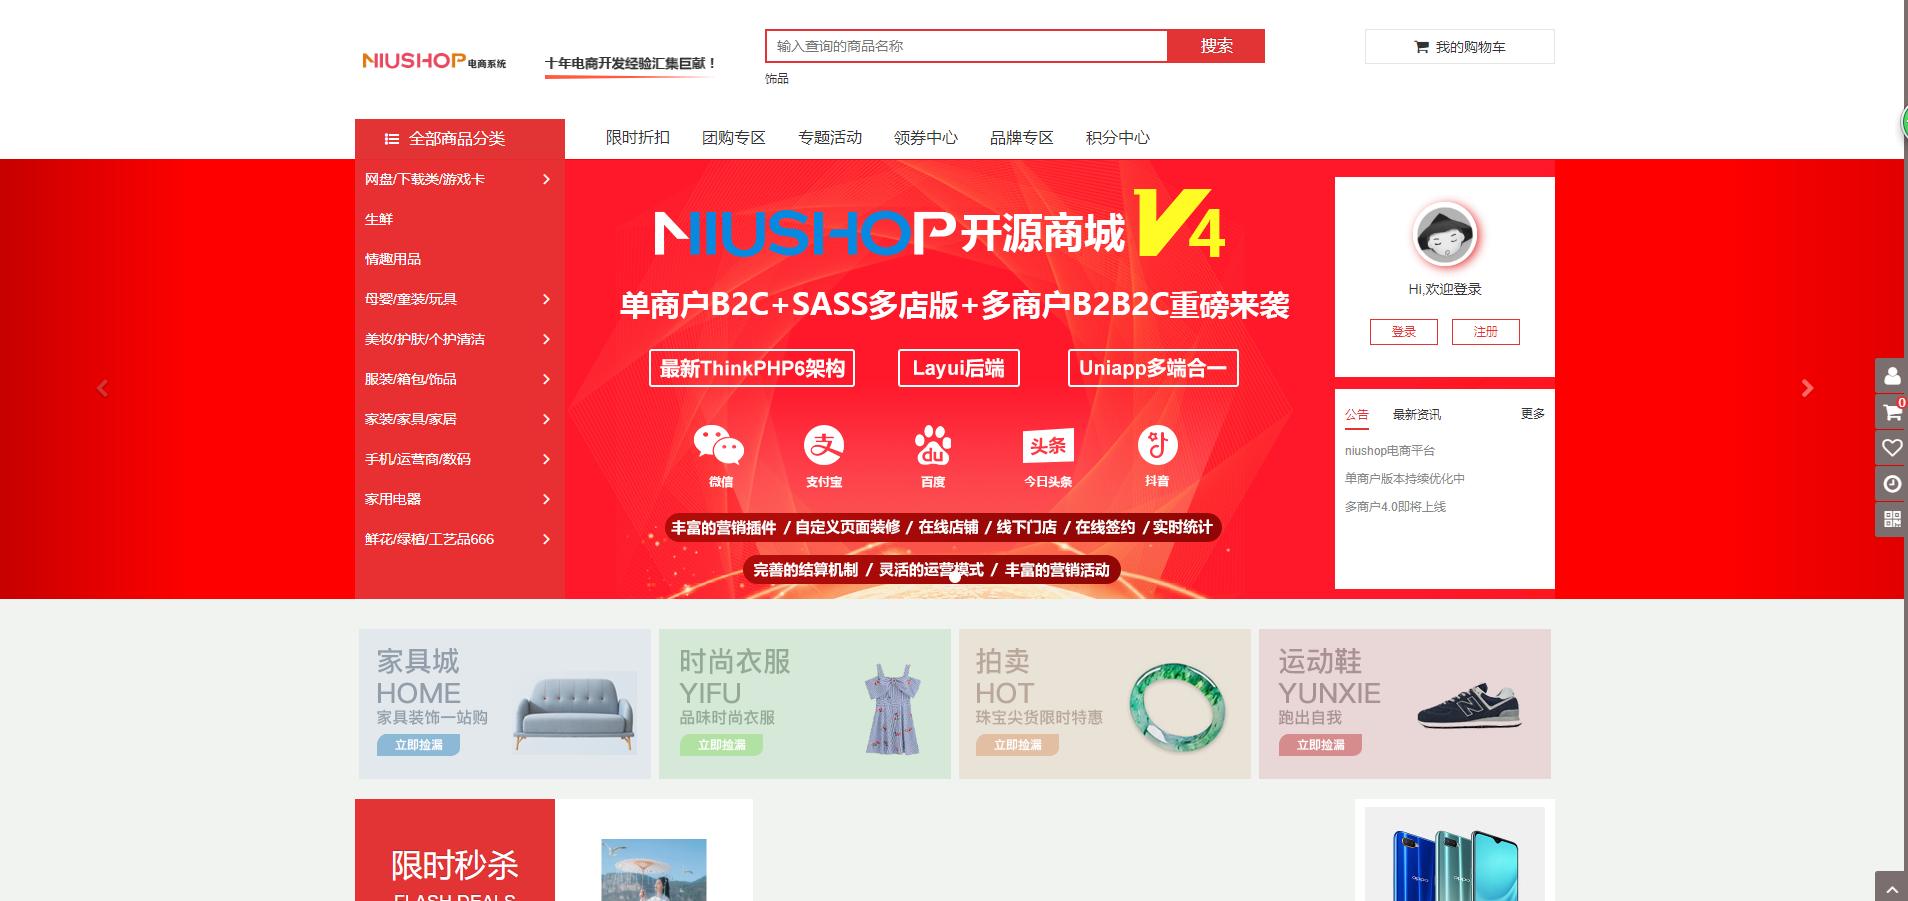 【商城系统】niushop分销版开源v3.7商城源码旗舰破解版-找主题源码